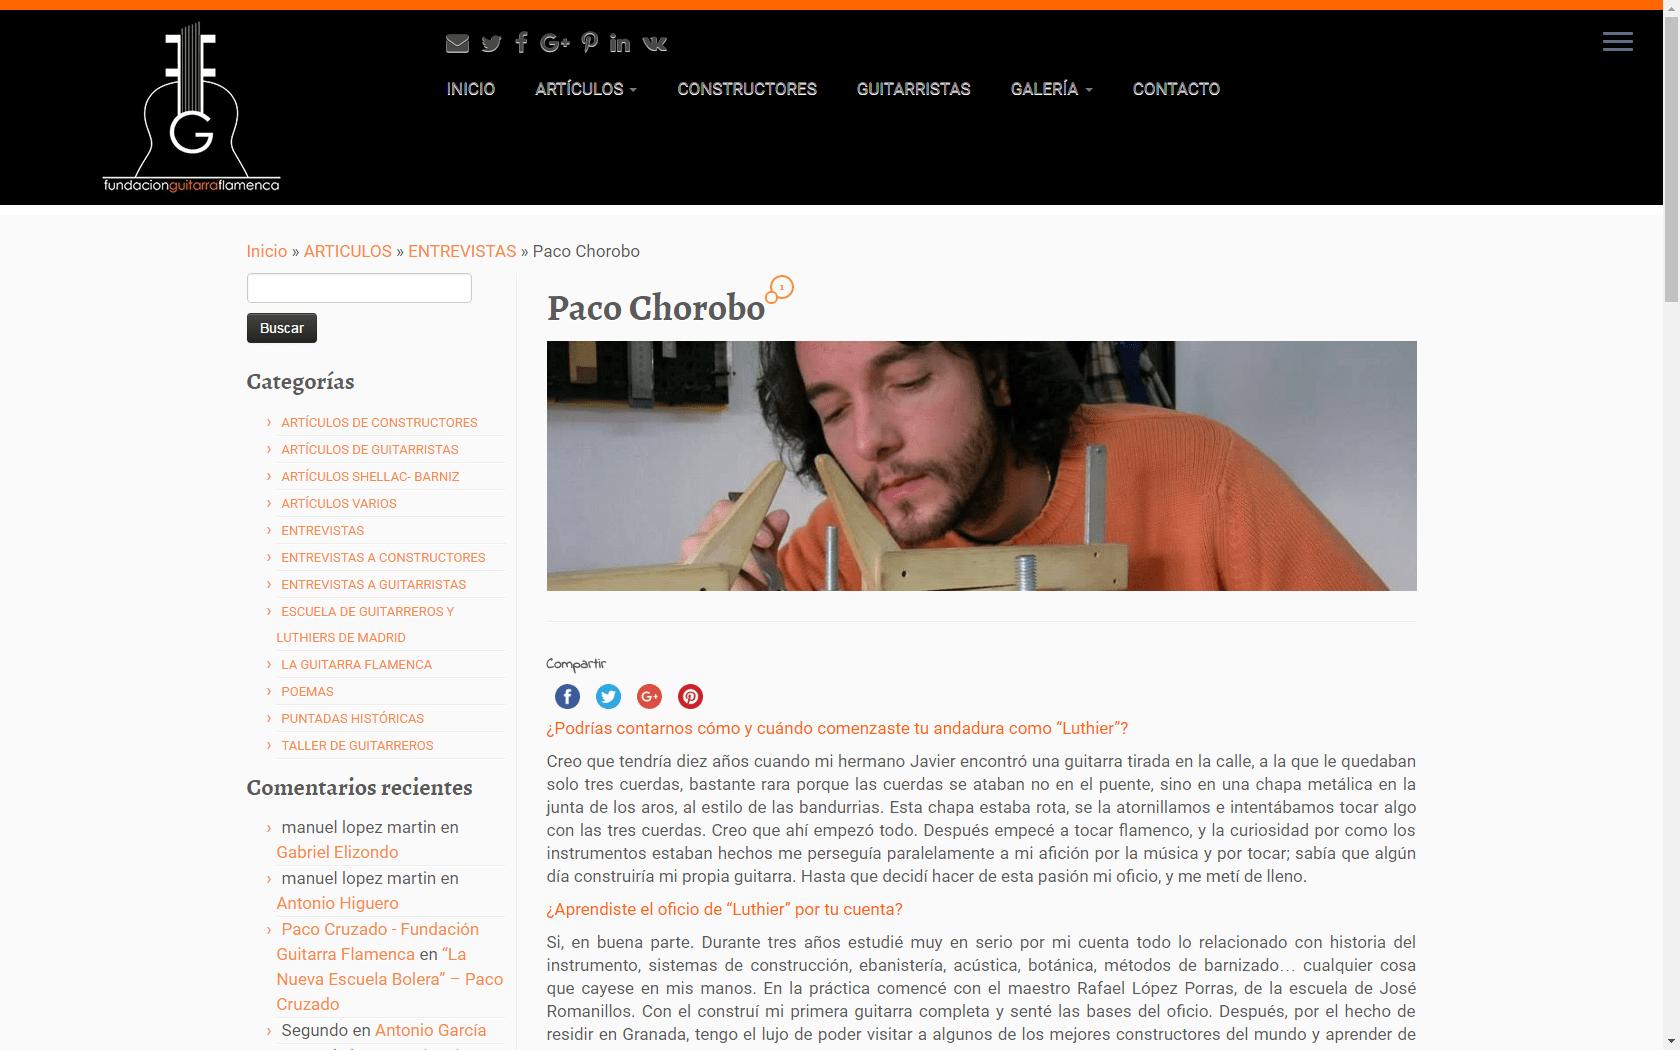 Paco Chorobo - Constructor de guitarras artesanas